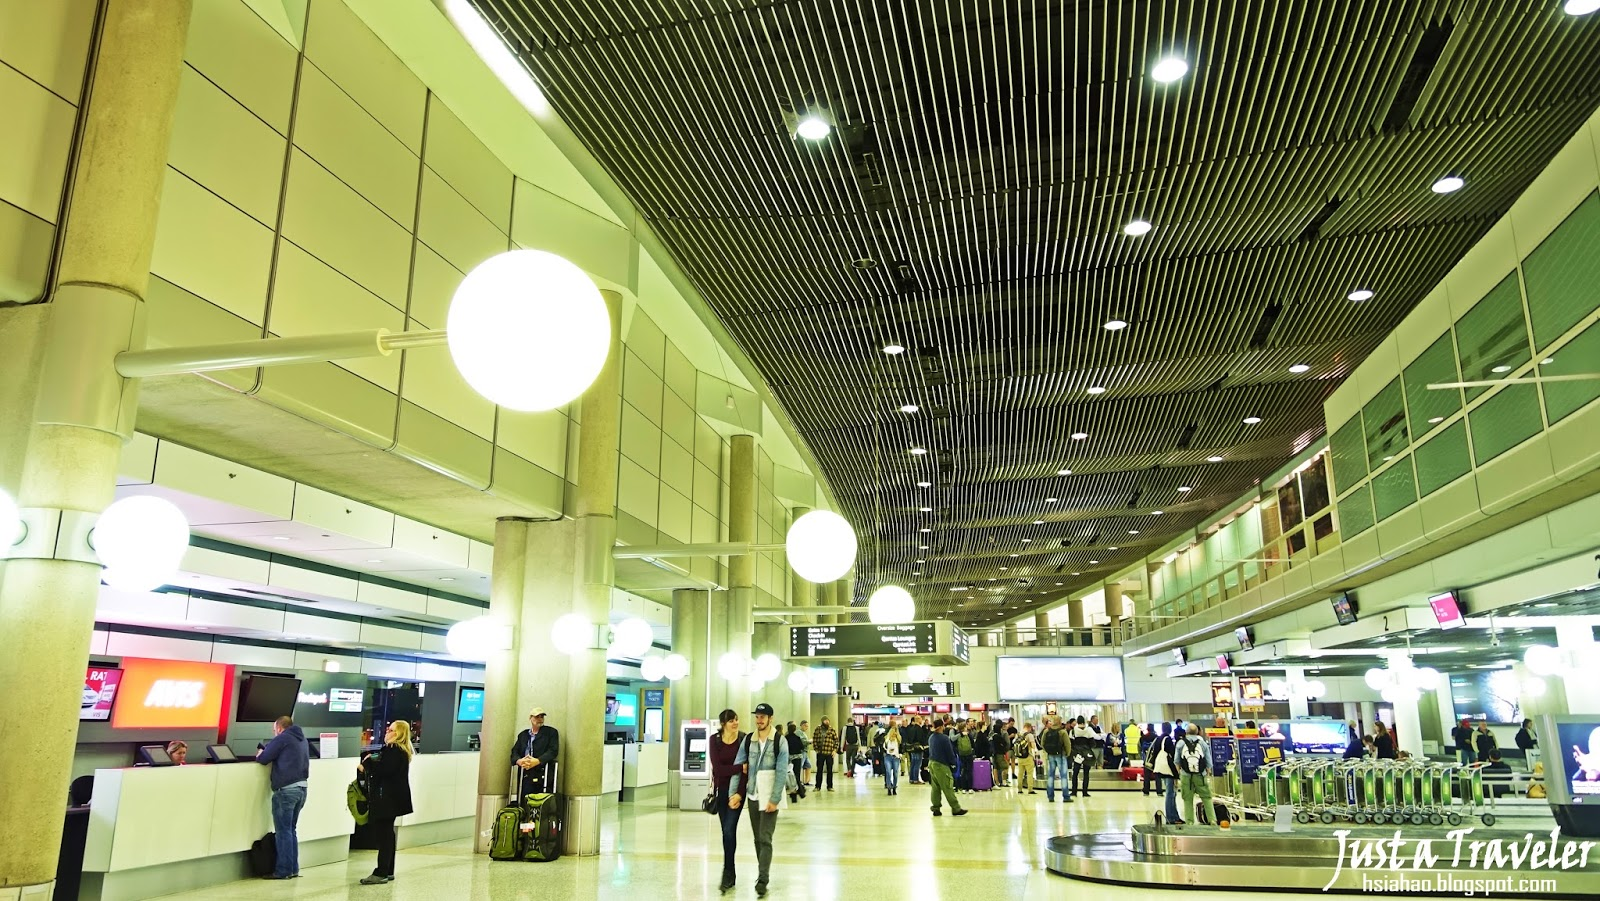 澳洲-廉航-廉價航空-布里斯本機場-國內線機場-塔斯馬尼亞-荷伯特機場-捷星-維珍-機票-訂票-Australia-Budget-Airline-Brisbane-Tasmania-Airport-Jetstar-Virgin